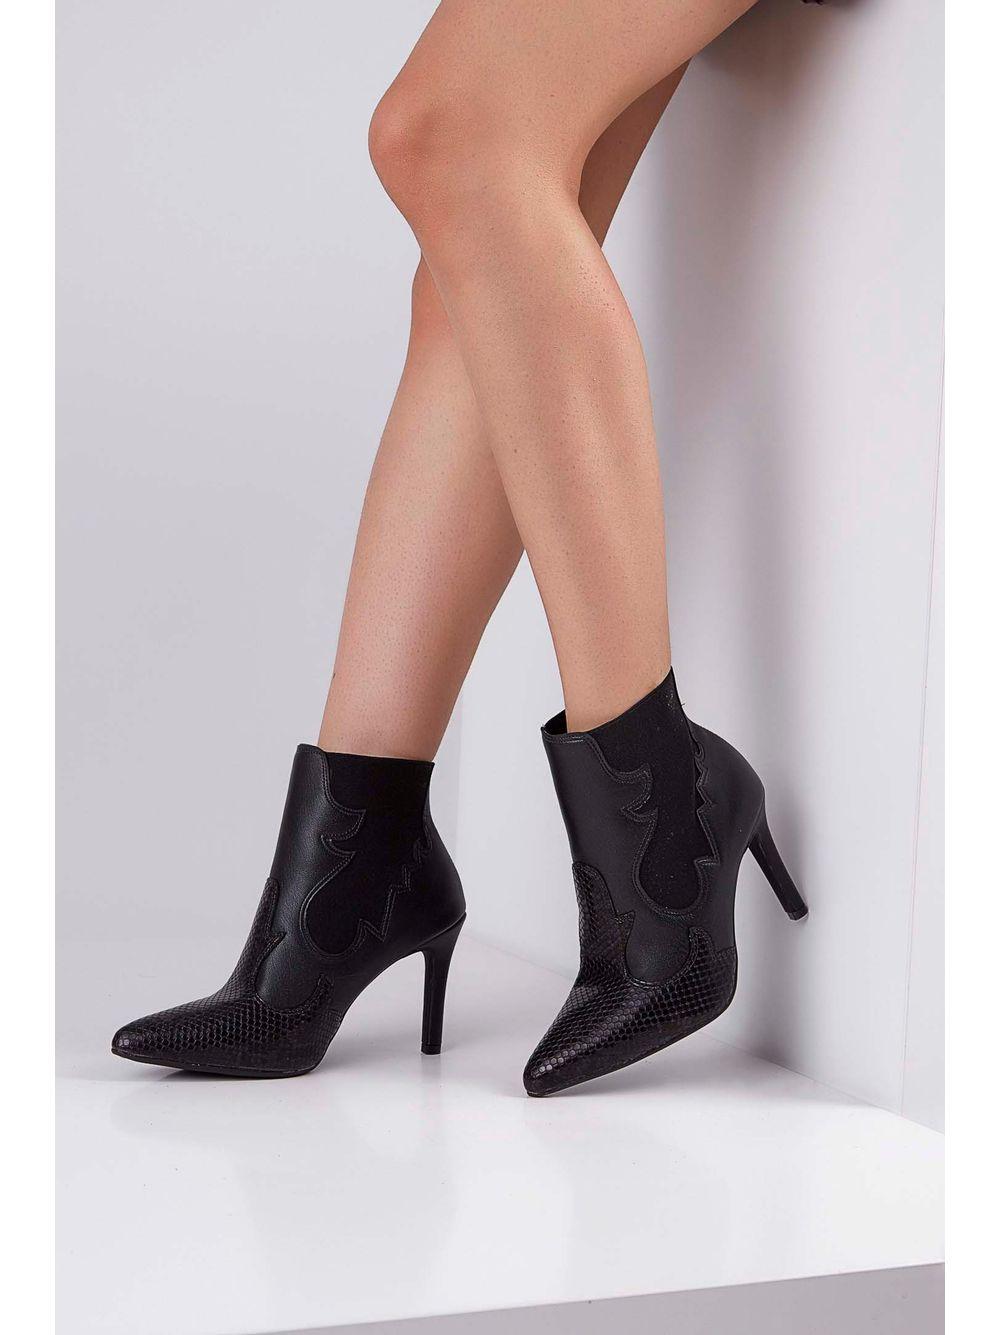 838a56489 pittol · Calçado Feminino · Bota · Ankle Boot. 50%. Previous